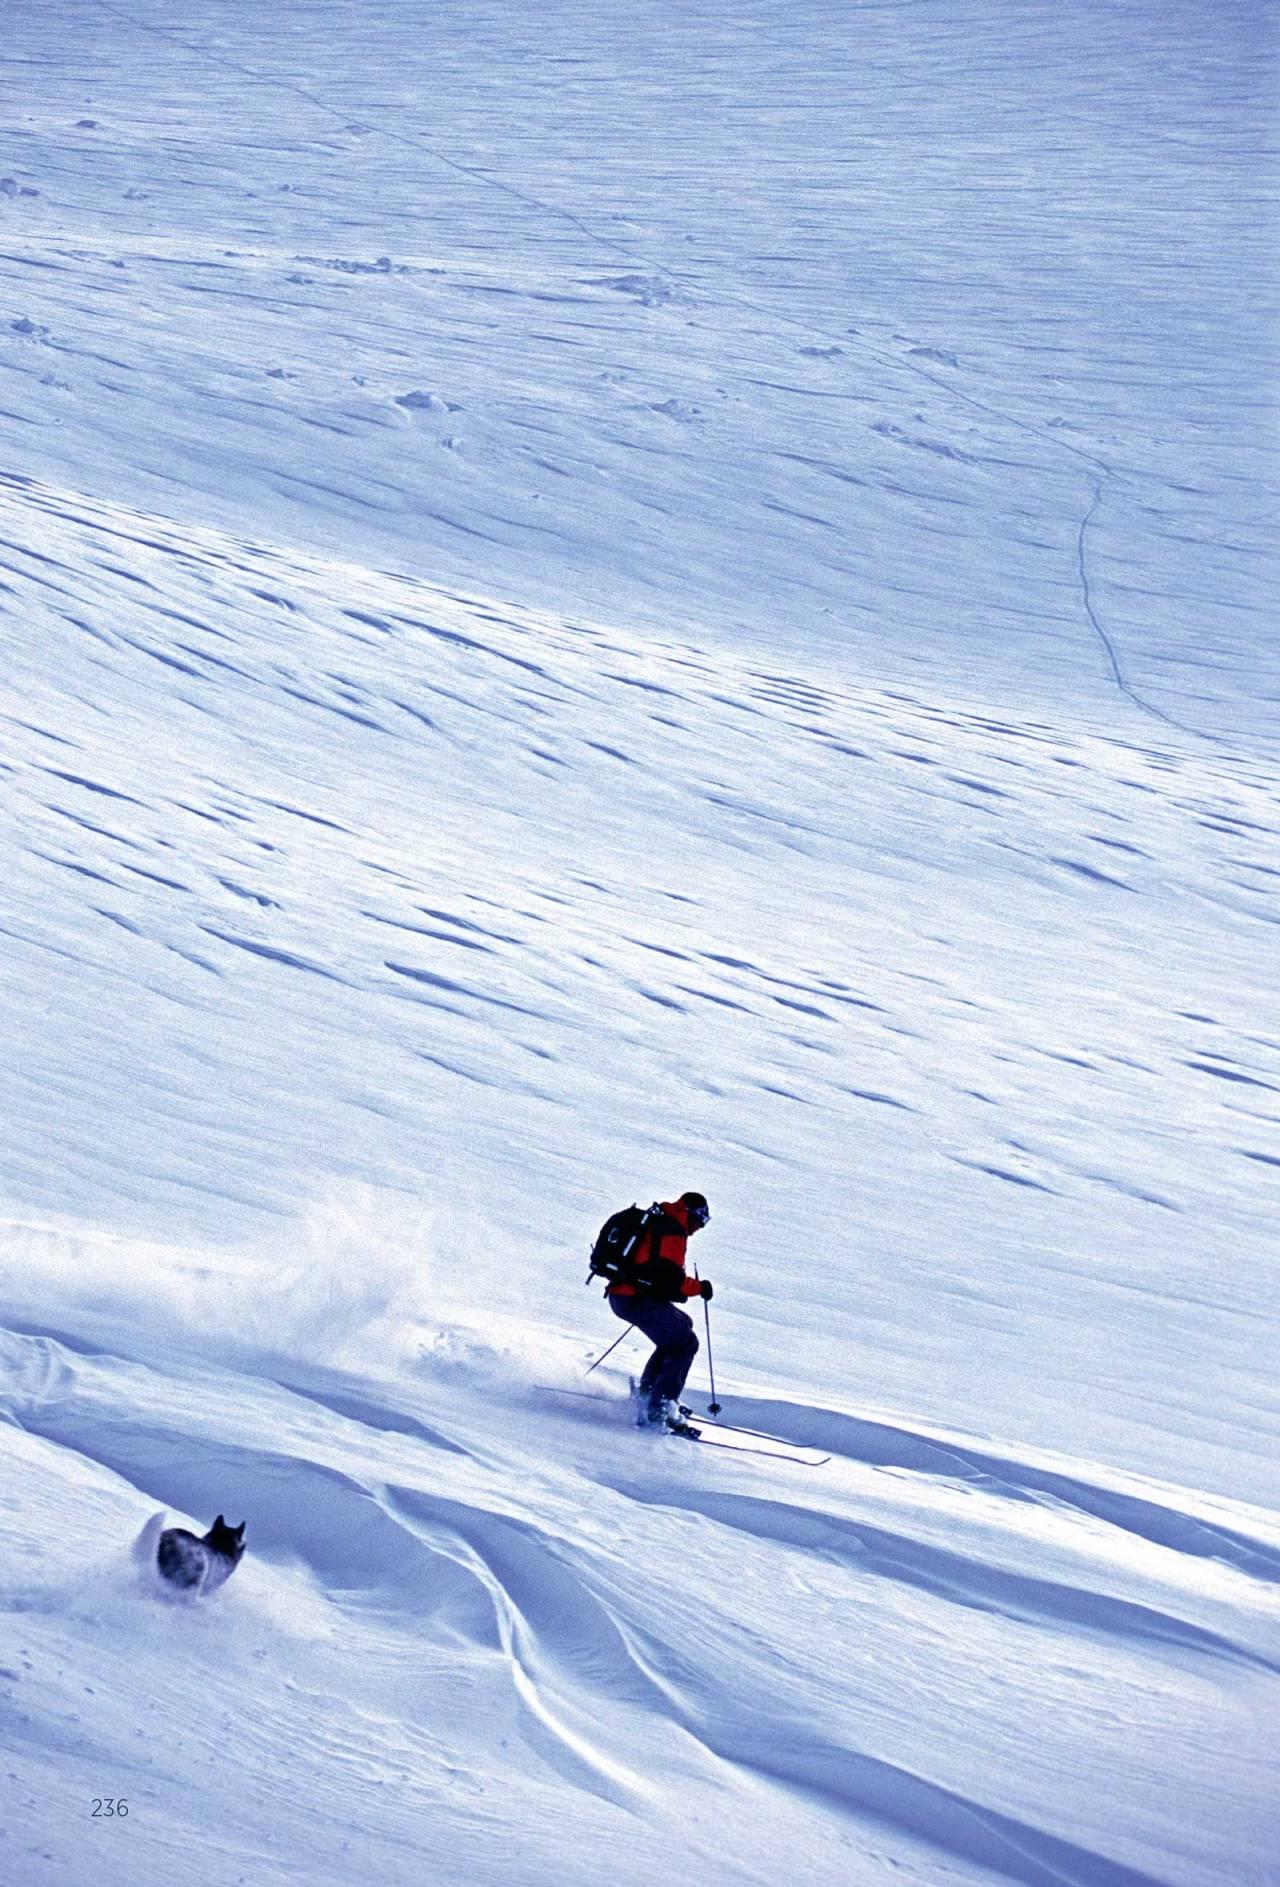 Hunden Tannaq og Jonas Abrahamsson kjører alternativ 1 ned på breen på Ristačohkka. Foto: Lars Thulin / Toppturer rundt Narvik.